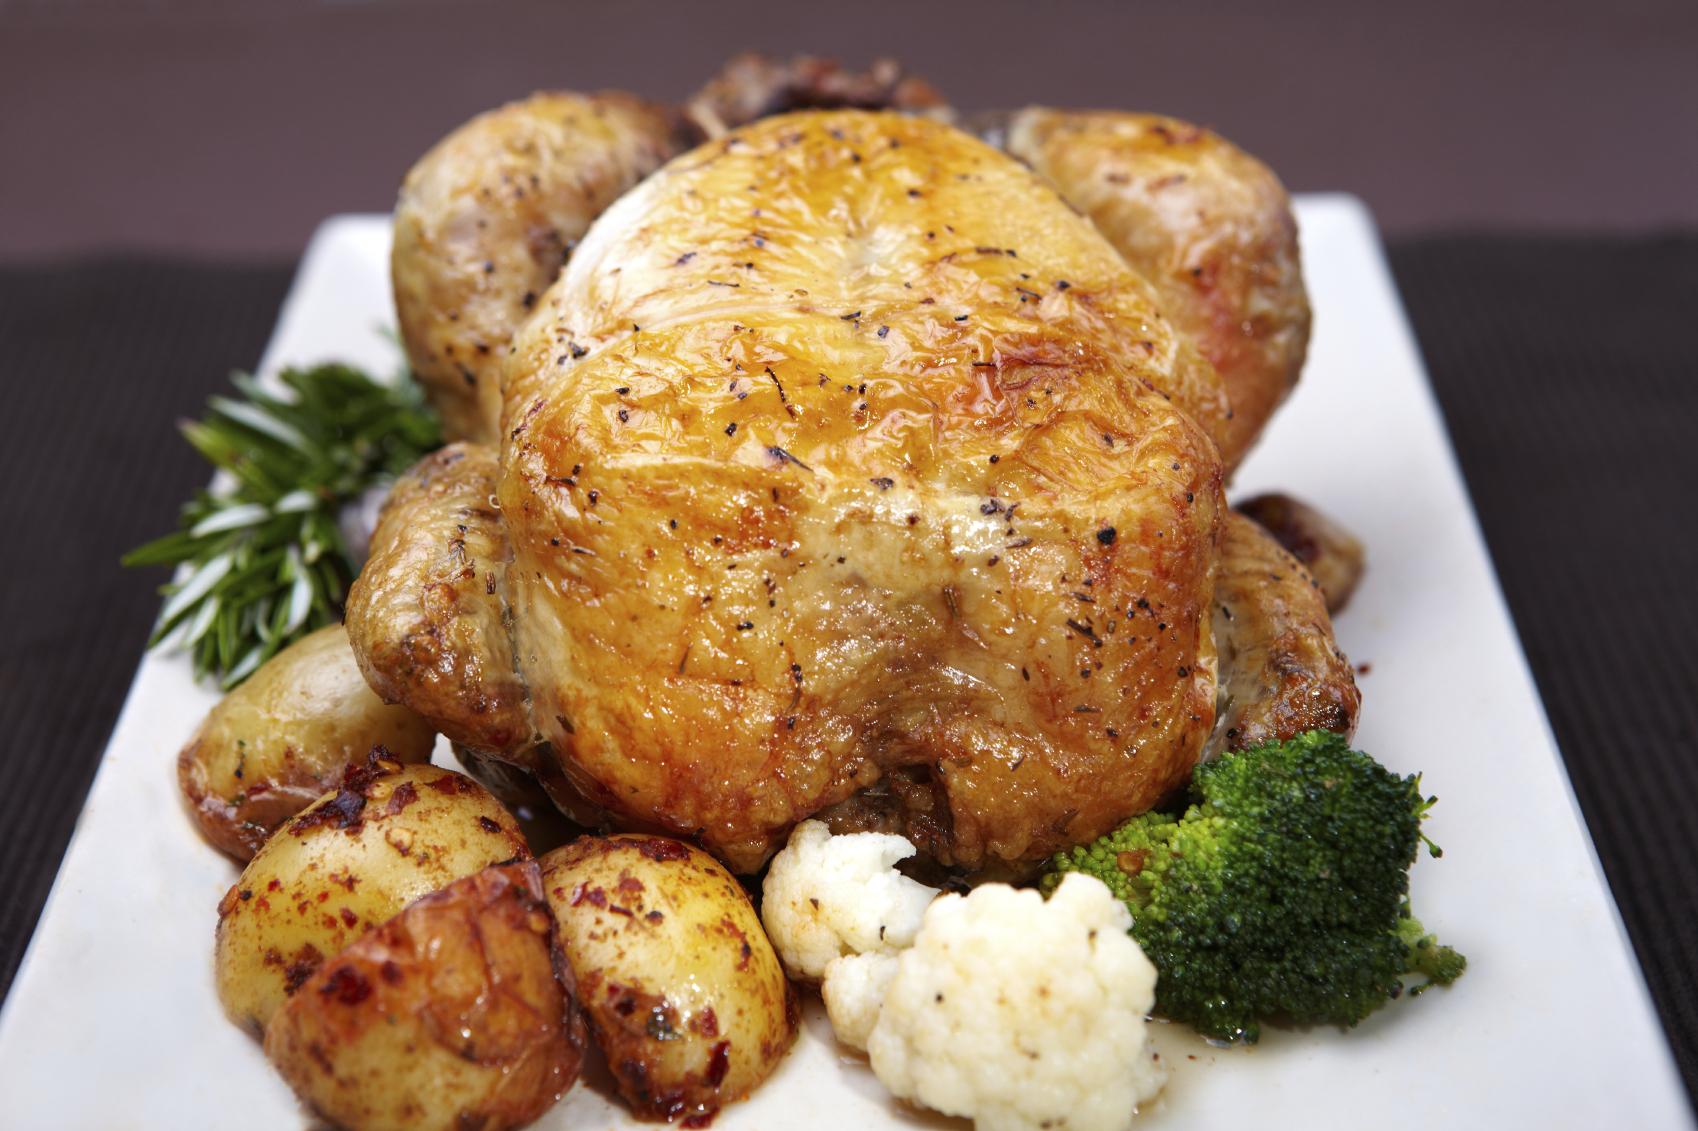 Pollo relleno a los 4 quesos